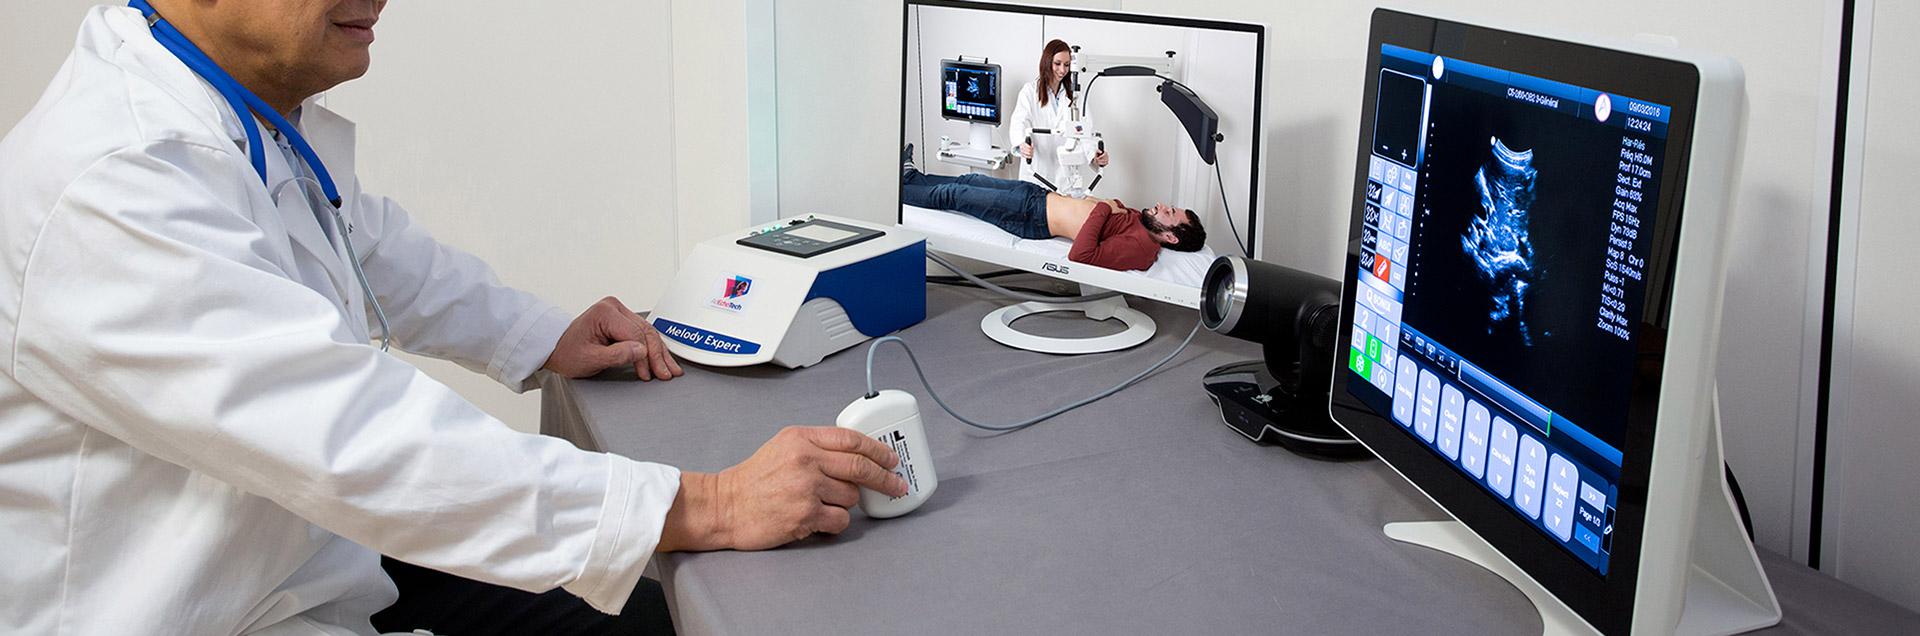 tele-ultrasonography